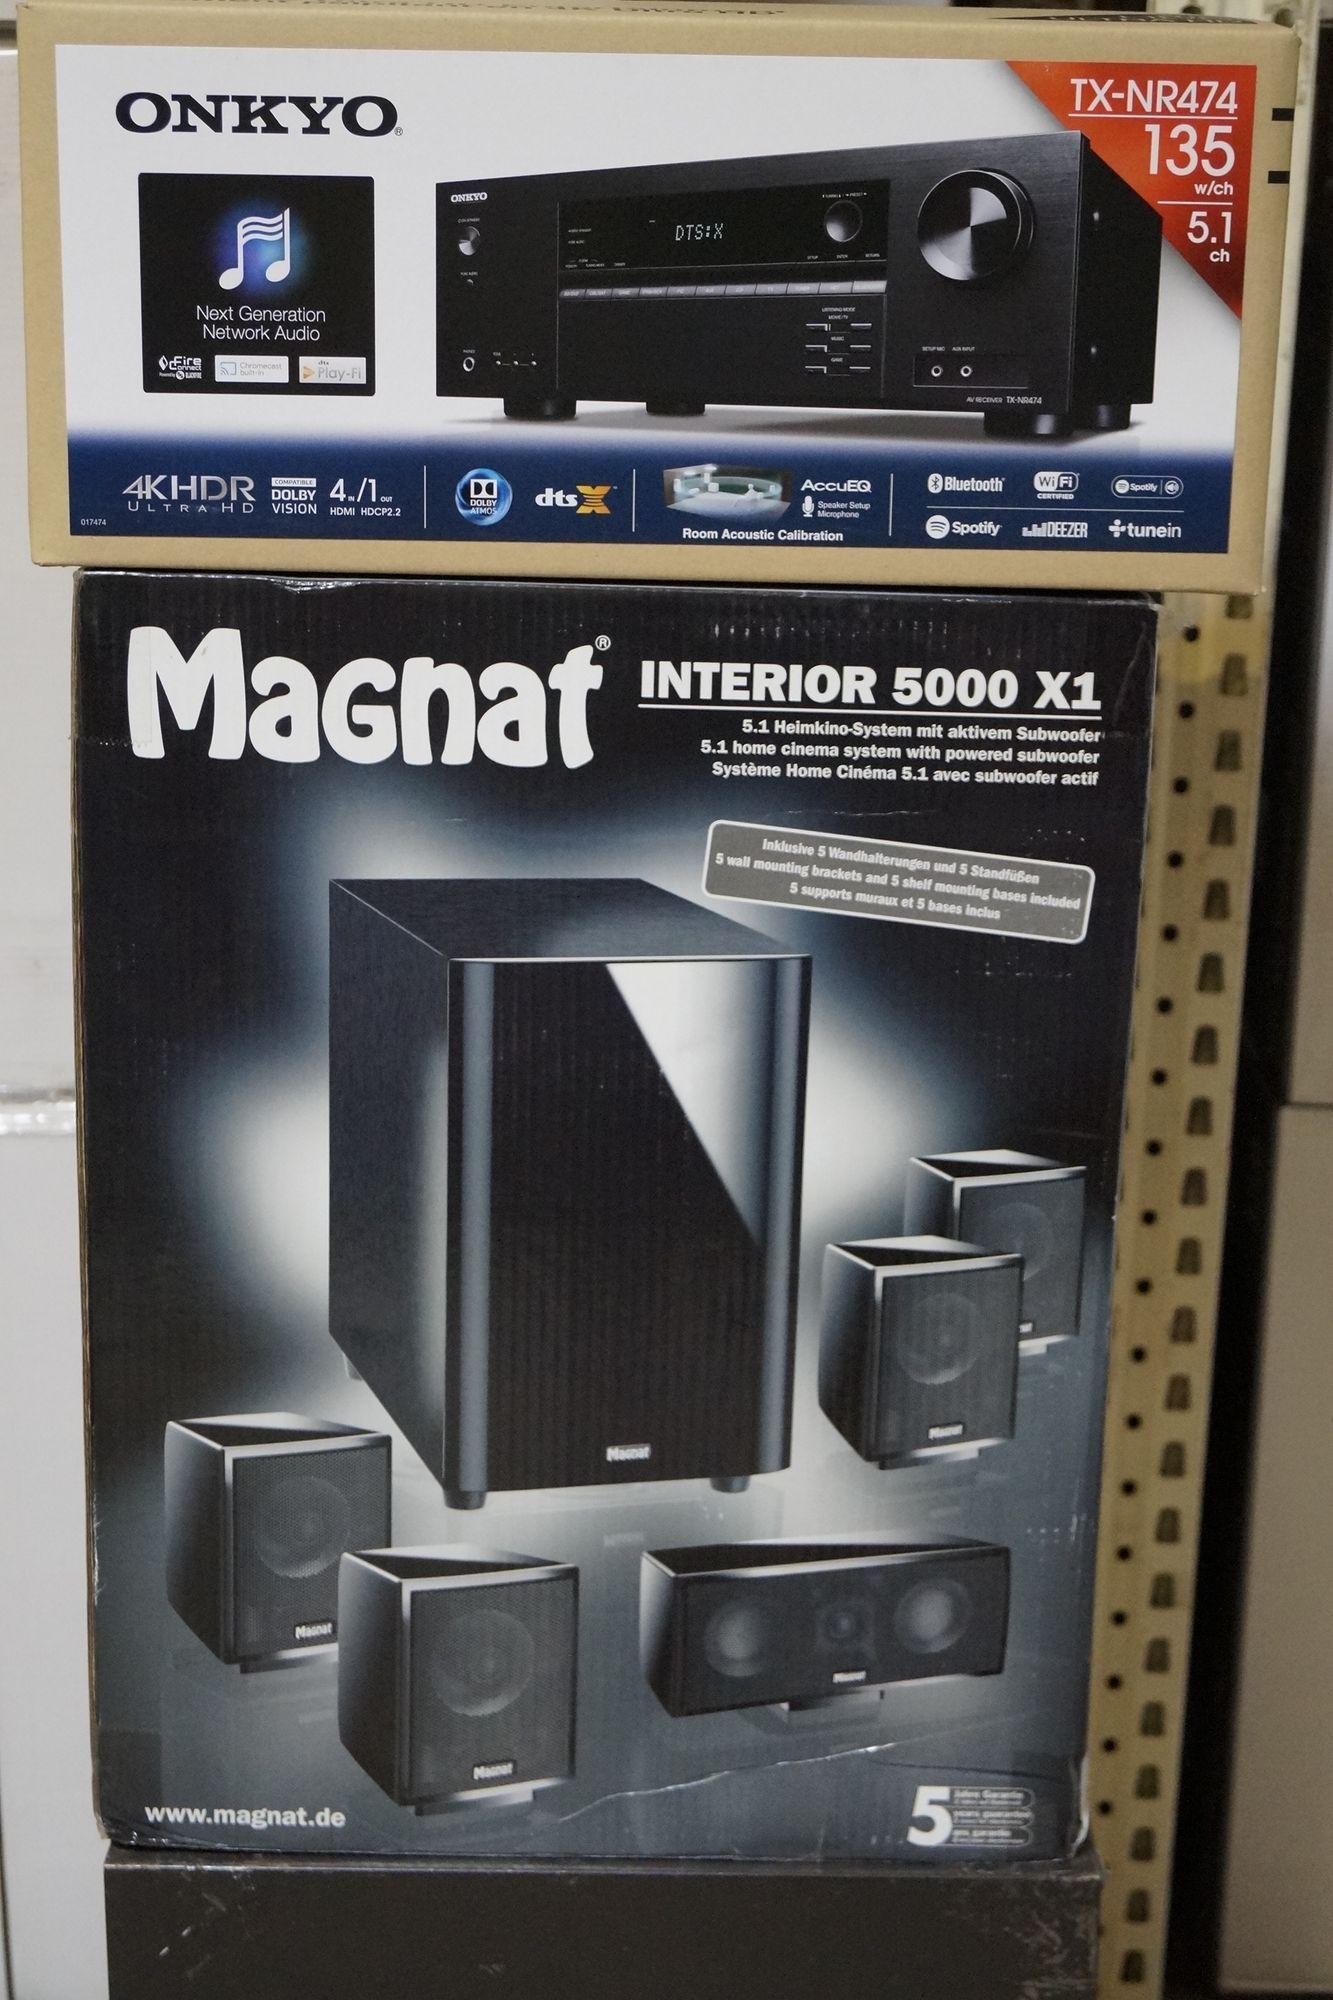 Magnat Interior 5000 X1und Onkyo TX NR 474 Heimkino-System mit aktiv Subwoofer schwarz  – Bild 1